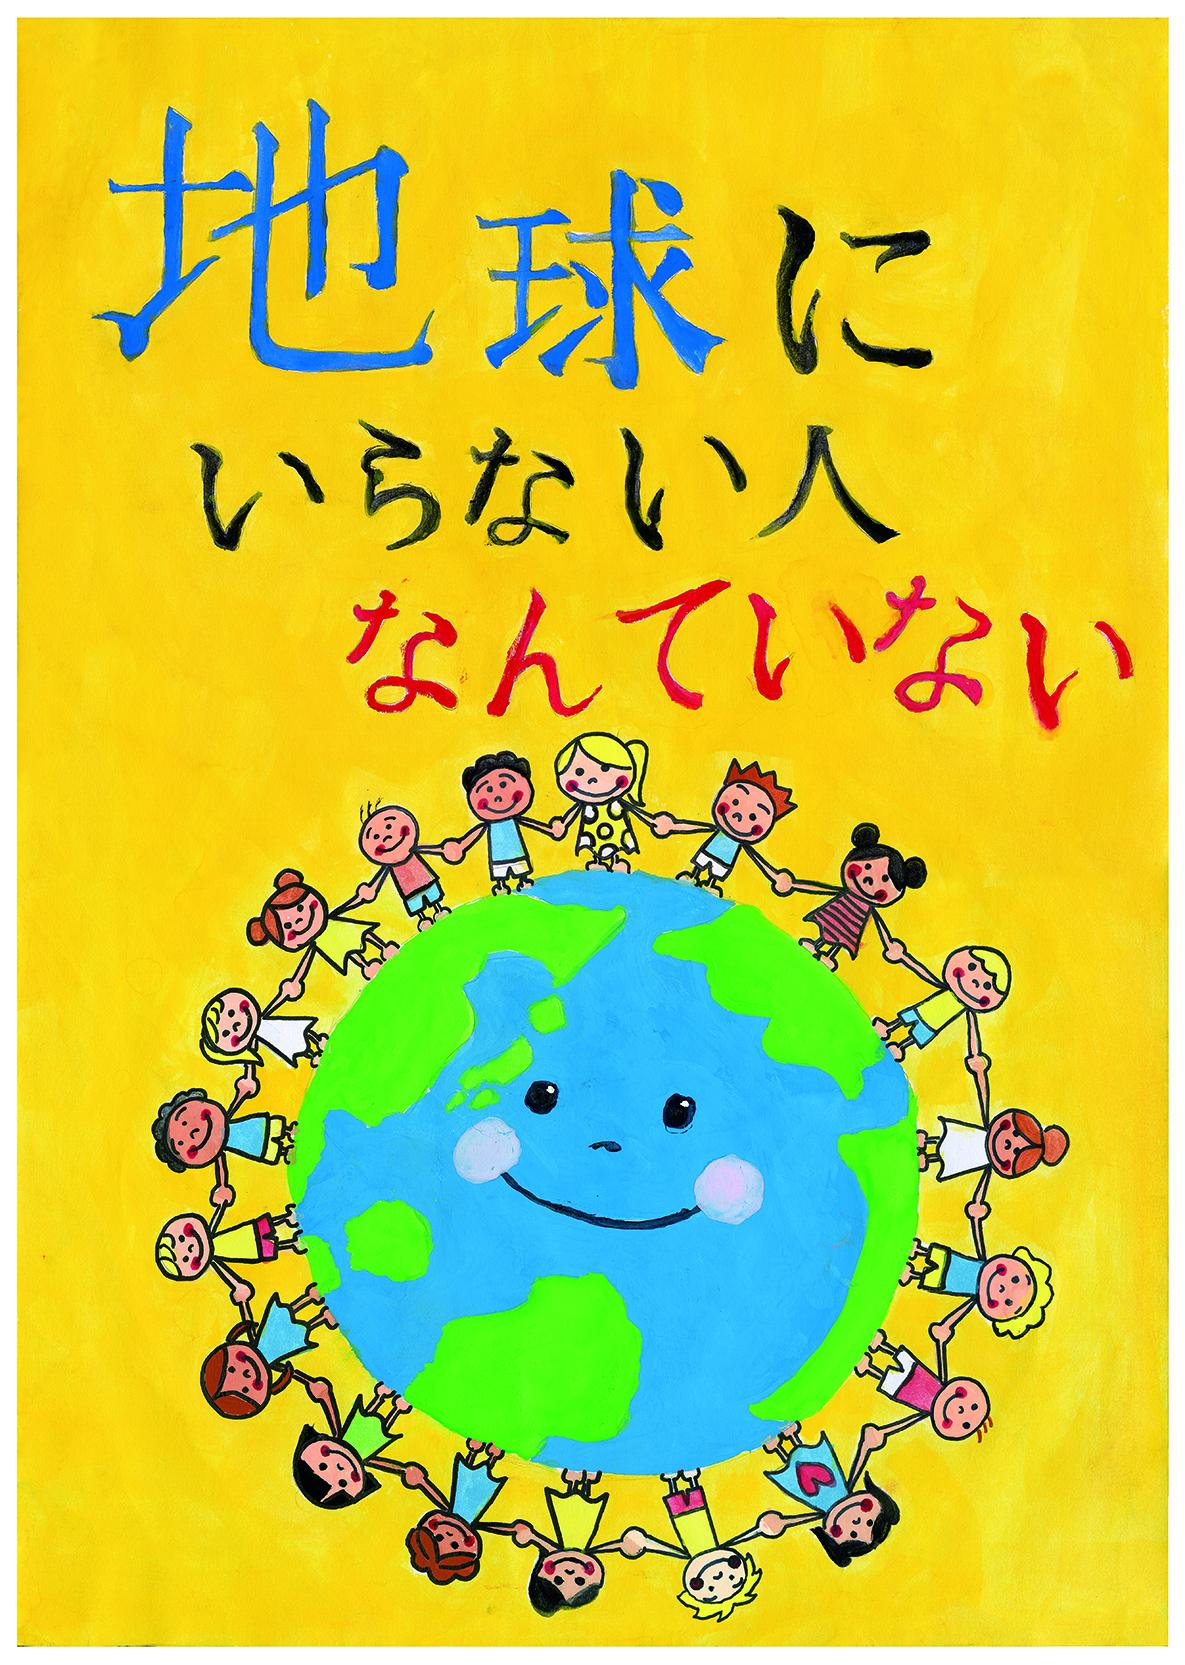 人権 ポスター 例 令和元年度「人権を守り、差別をなくす」標語・ポスター入賞作品